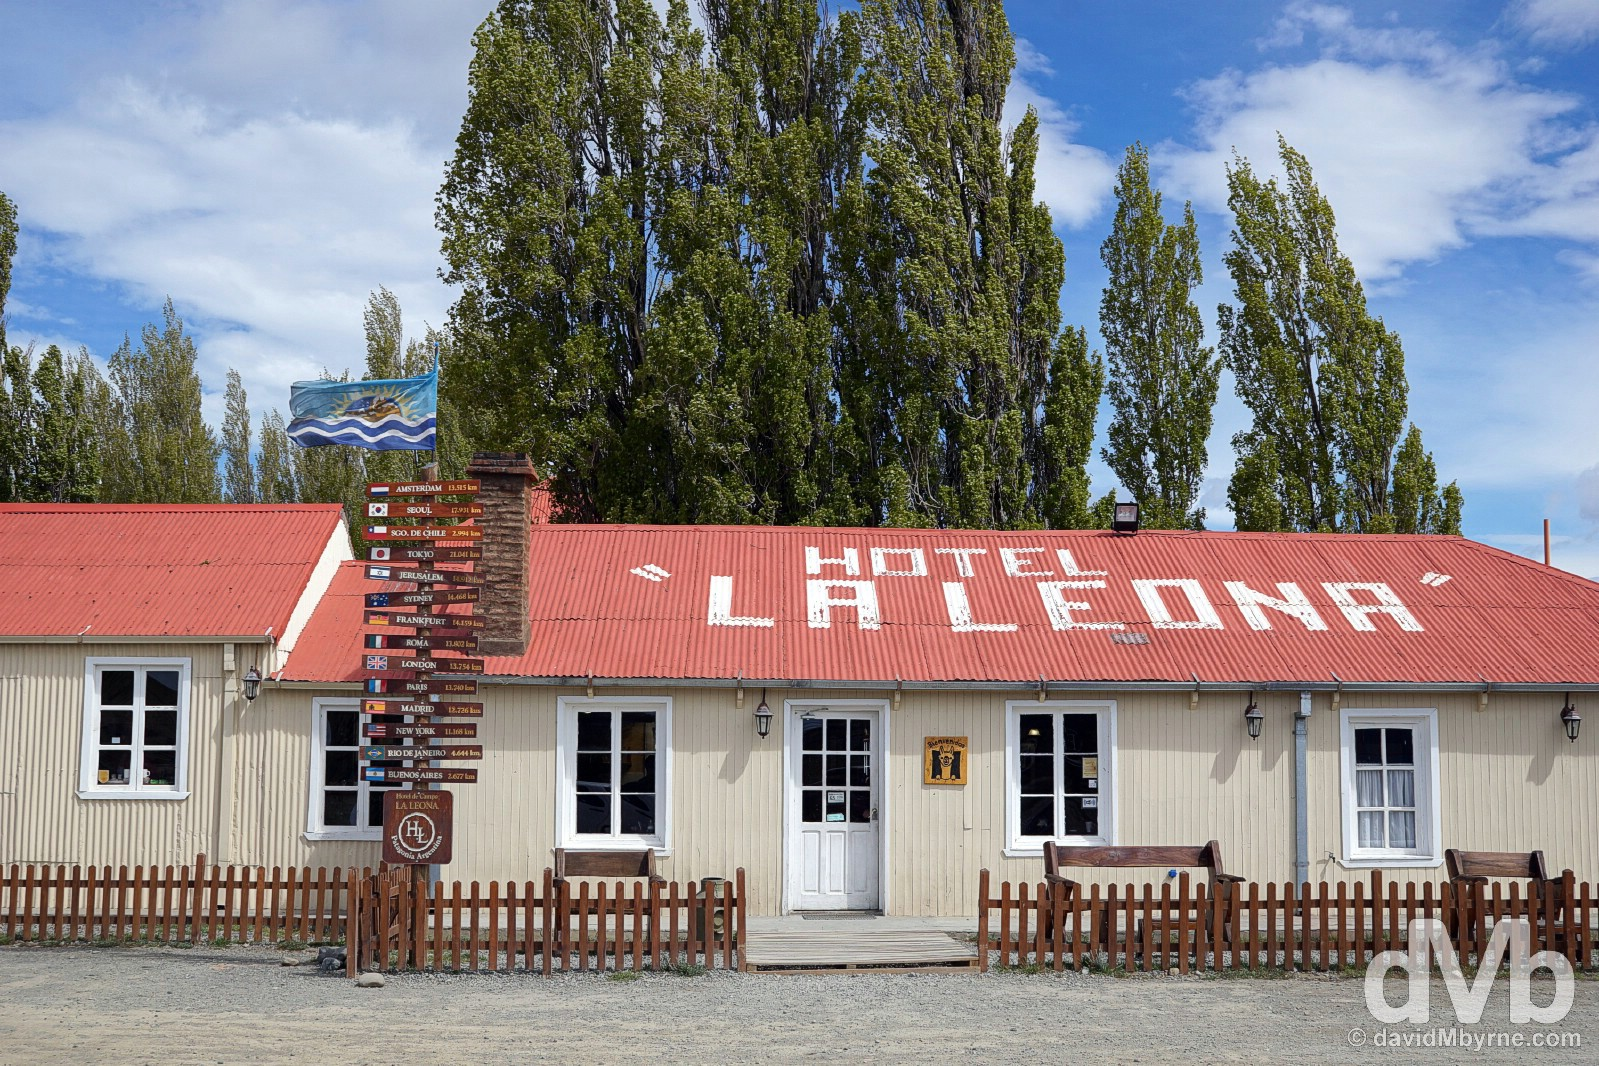 The historic Hotel La Leona, a popular stop on Argentinian Ruta 40 between El Calafate & El Chalten. Patagonia, Argentina. November 3, 2015.